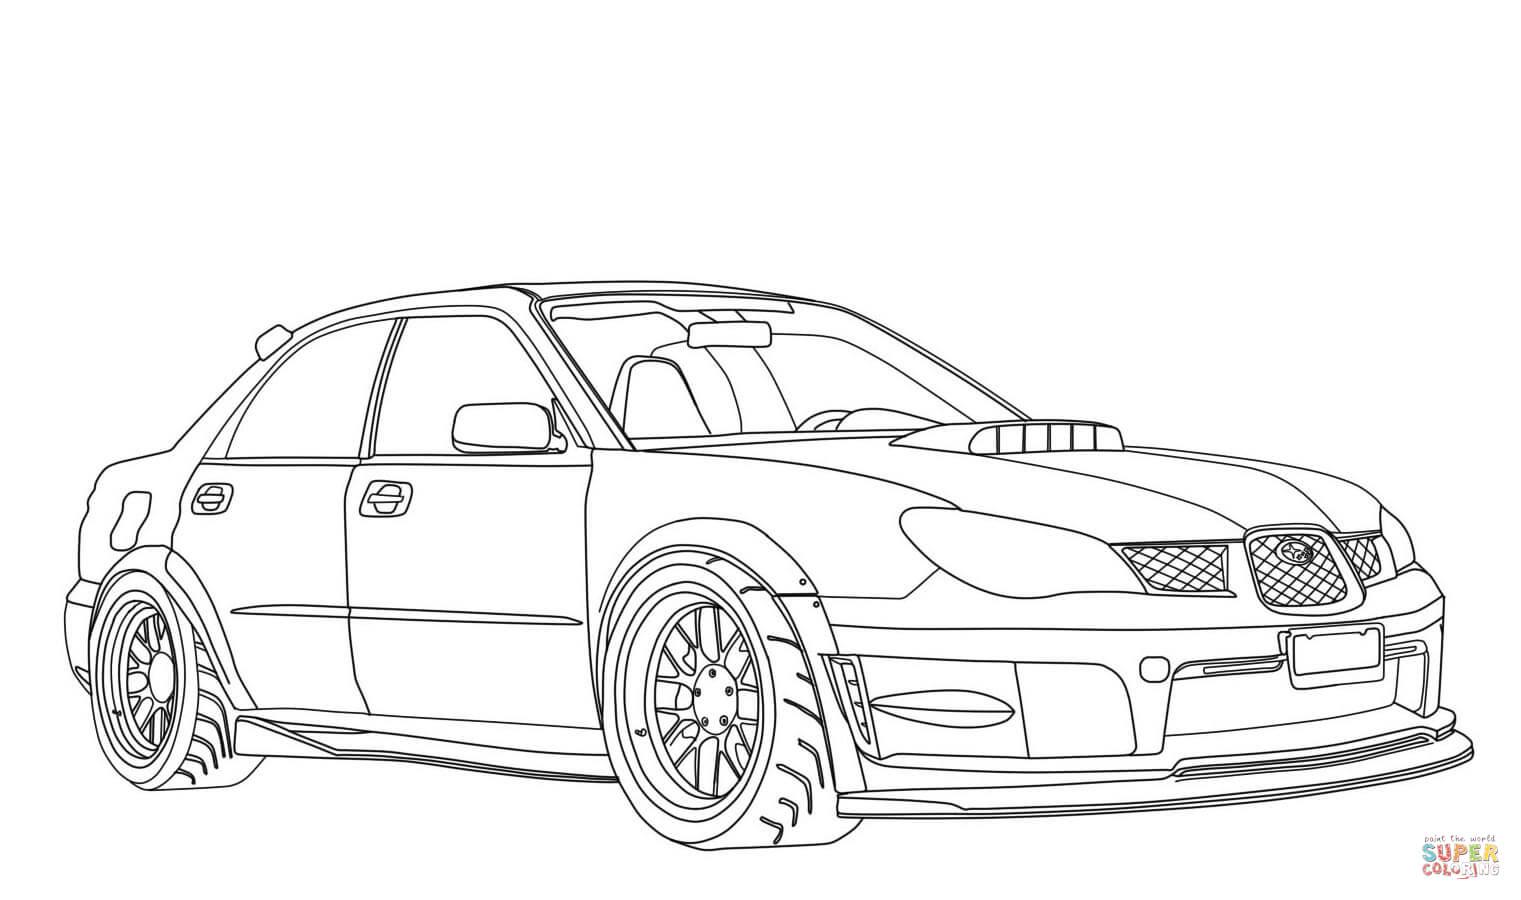 Gtr Race Car